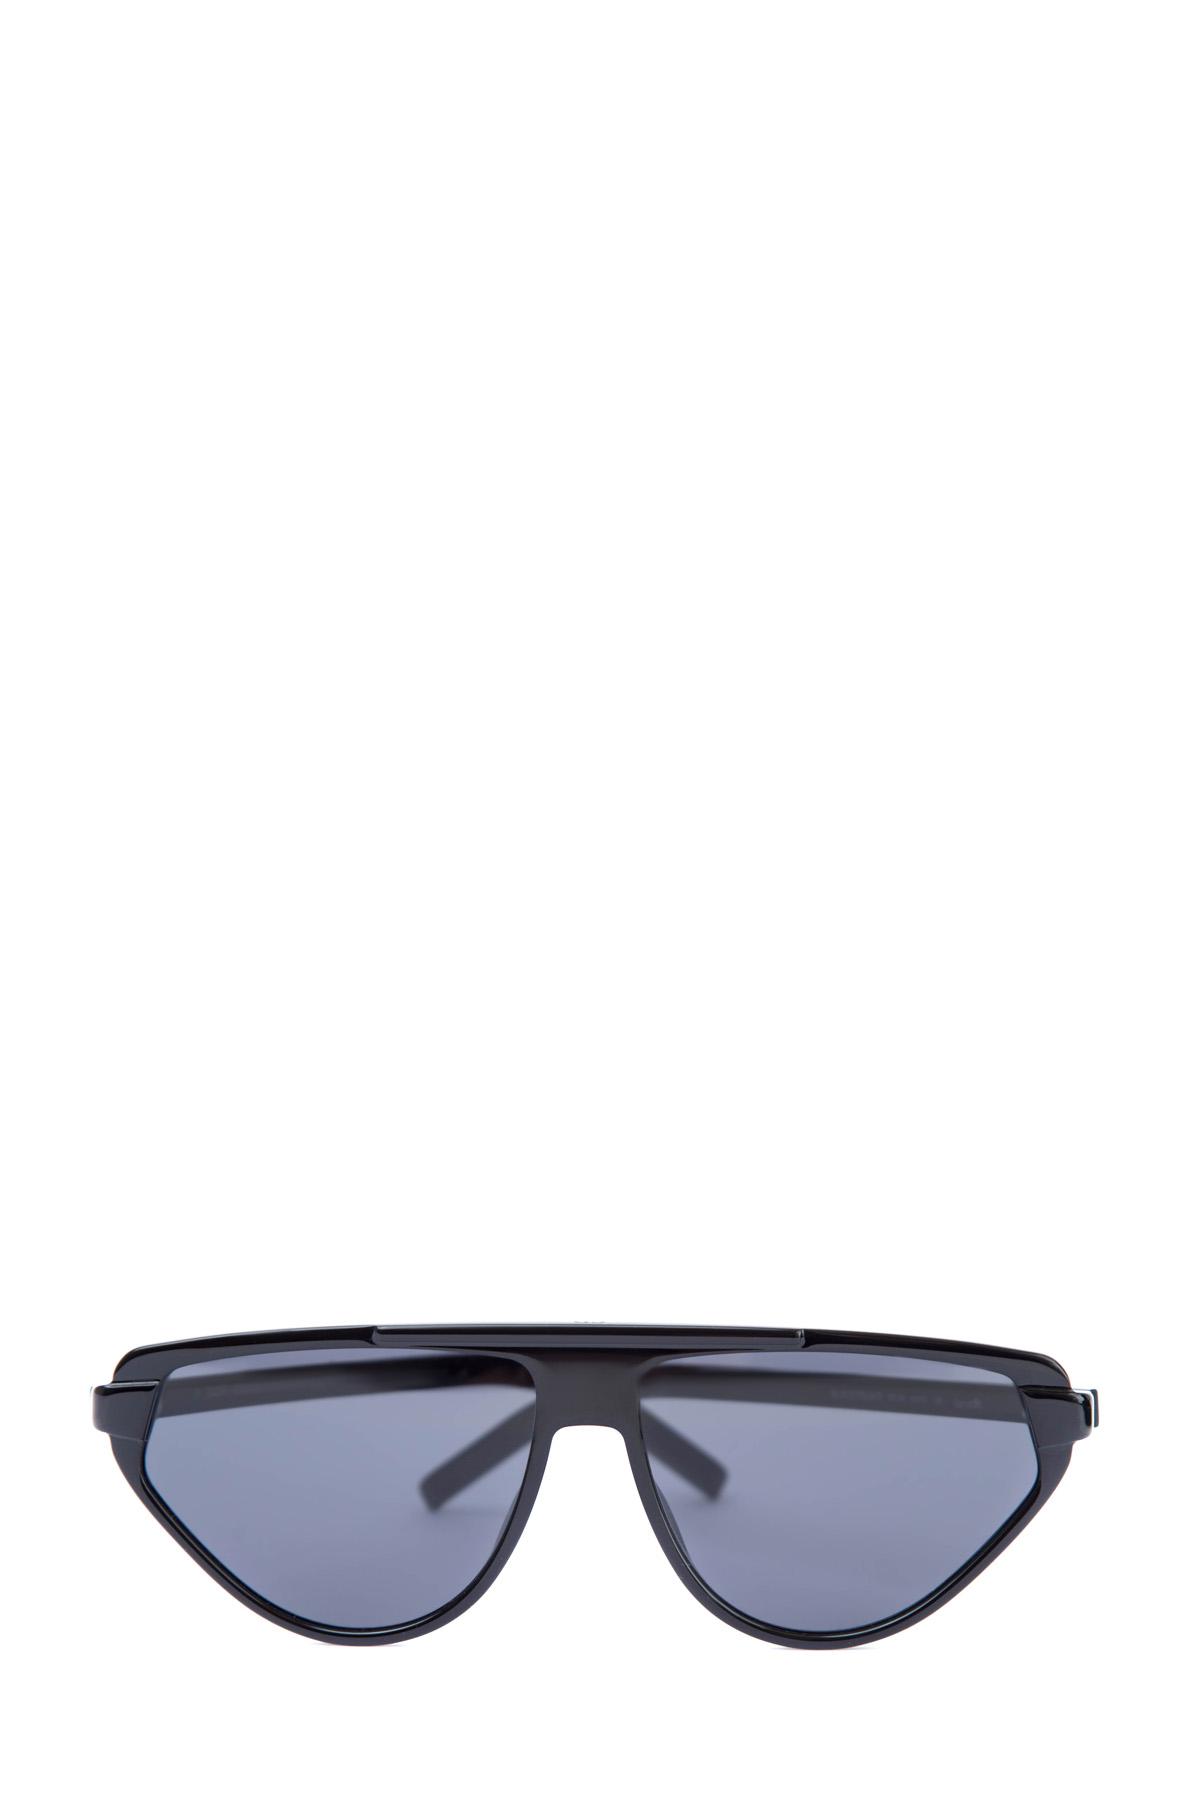 Купить Очки BlackTie247 с интерпретированной оправой авиатор в черном цвете, DIOR (sunglasses) men, Италия, пластик 100%, стекло 100%